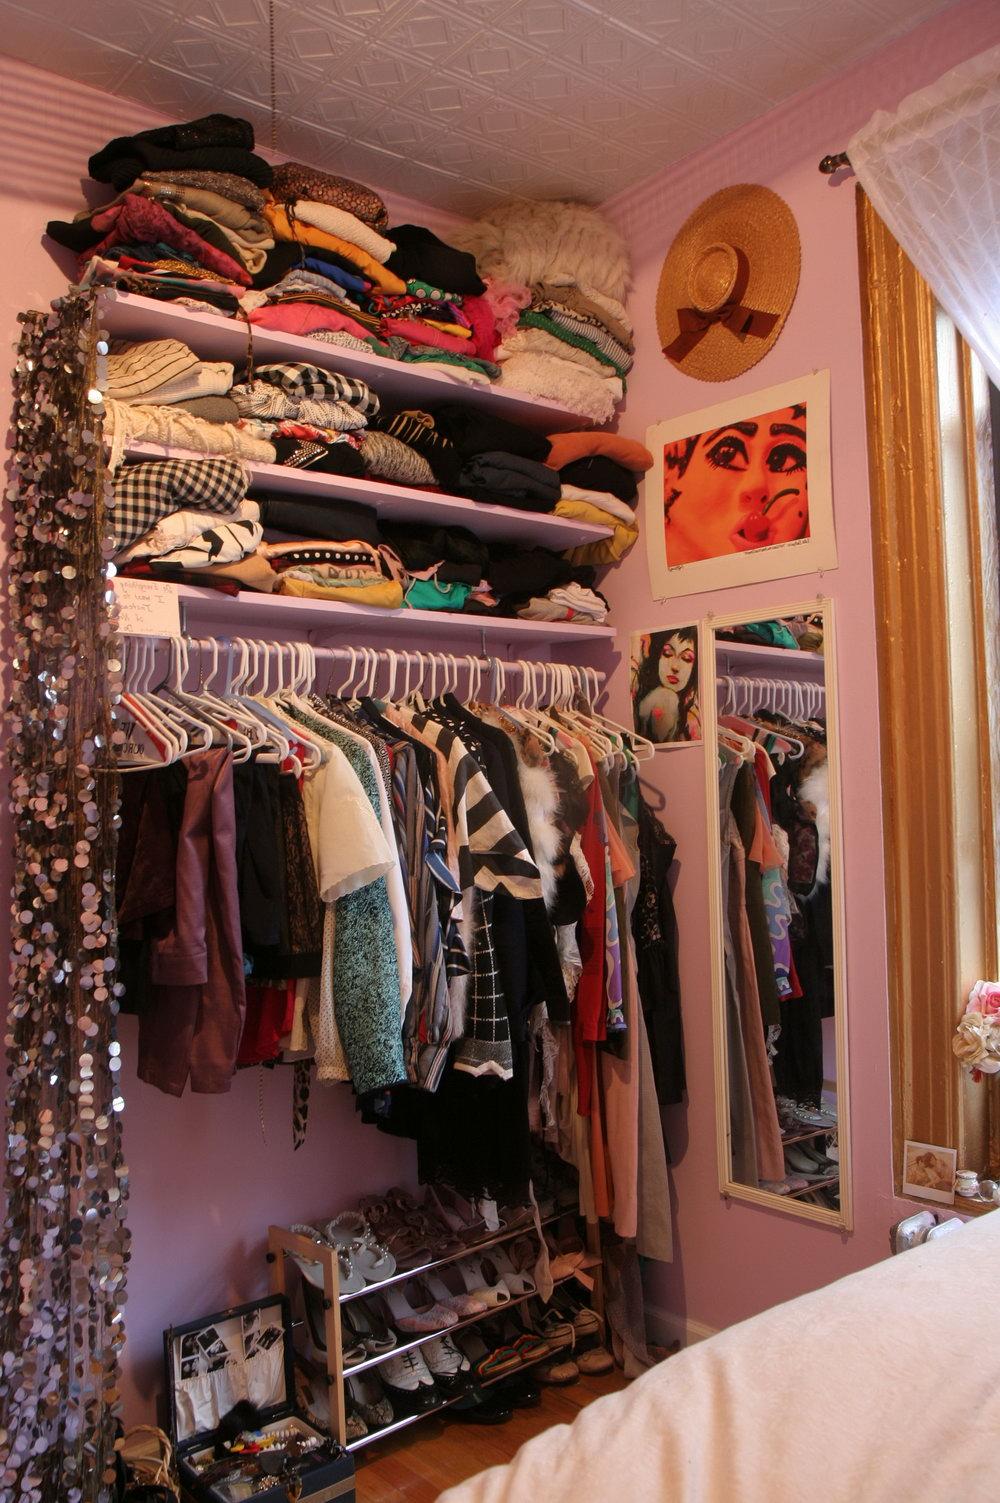 No Closet Space In Apartment